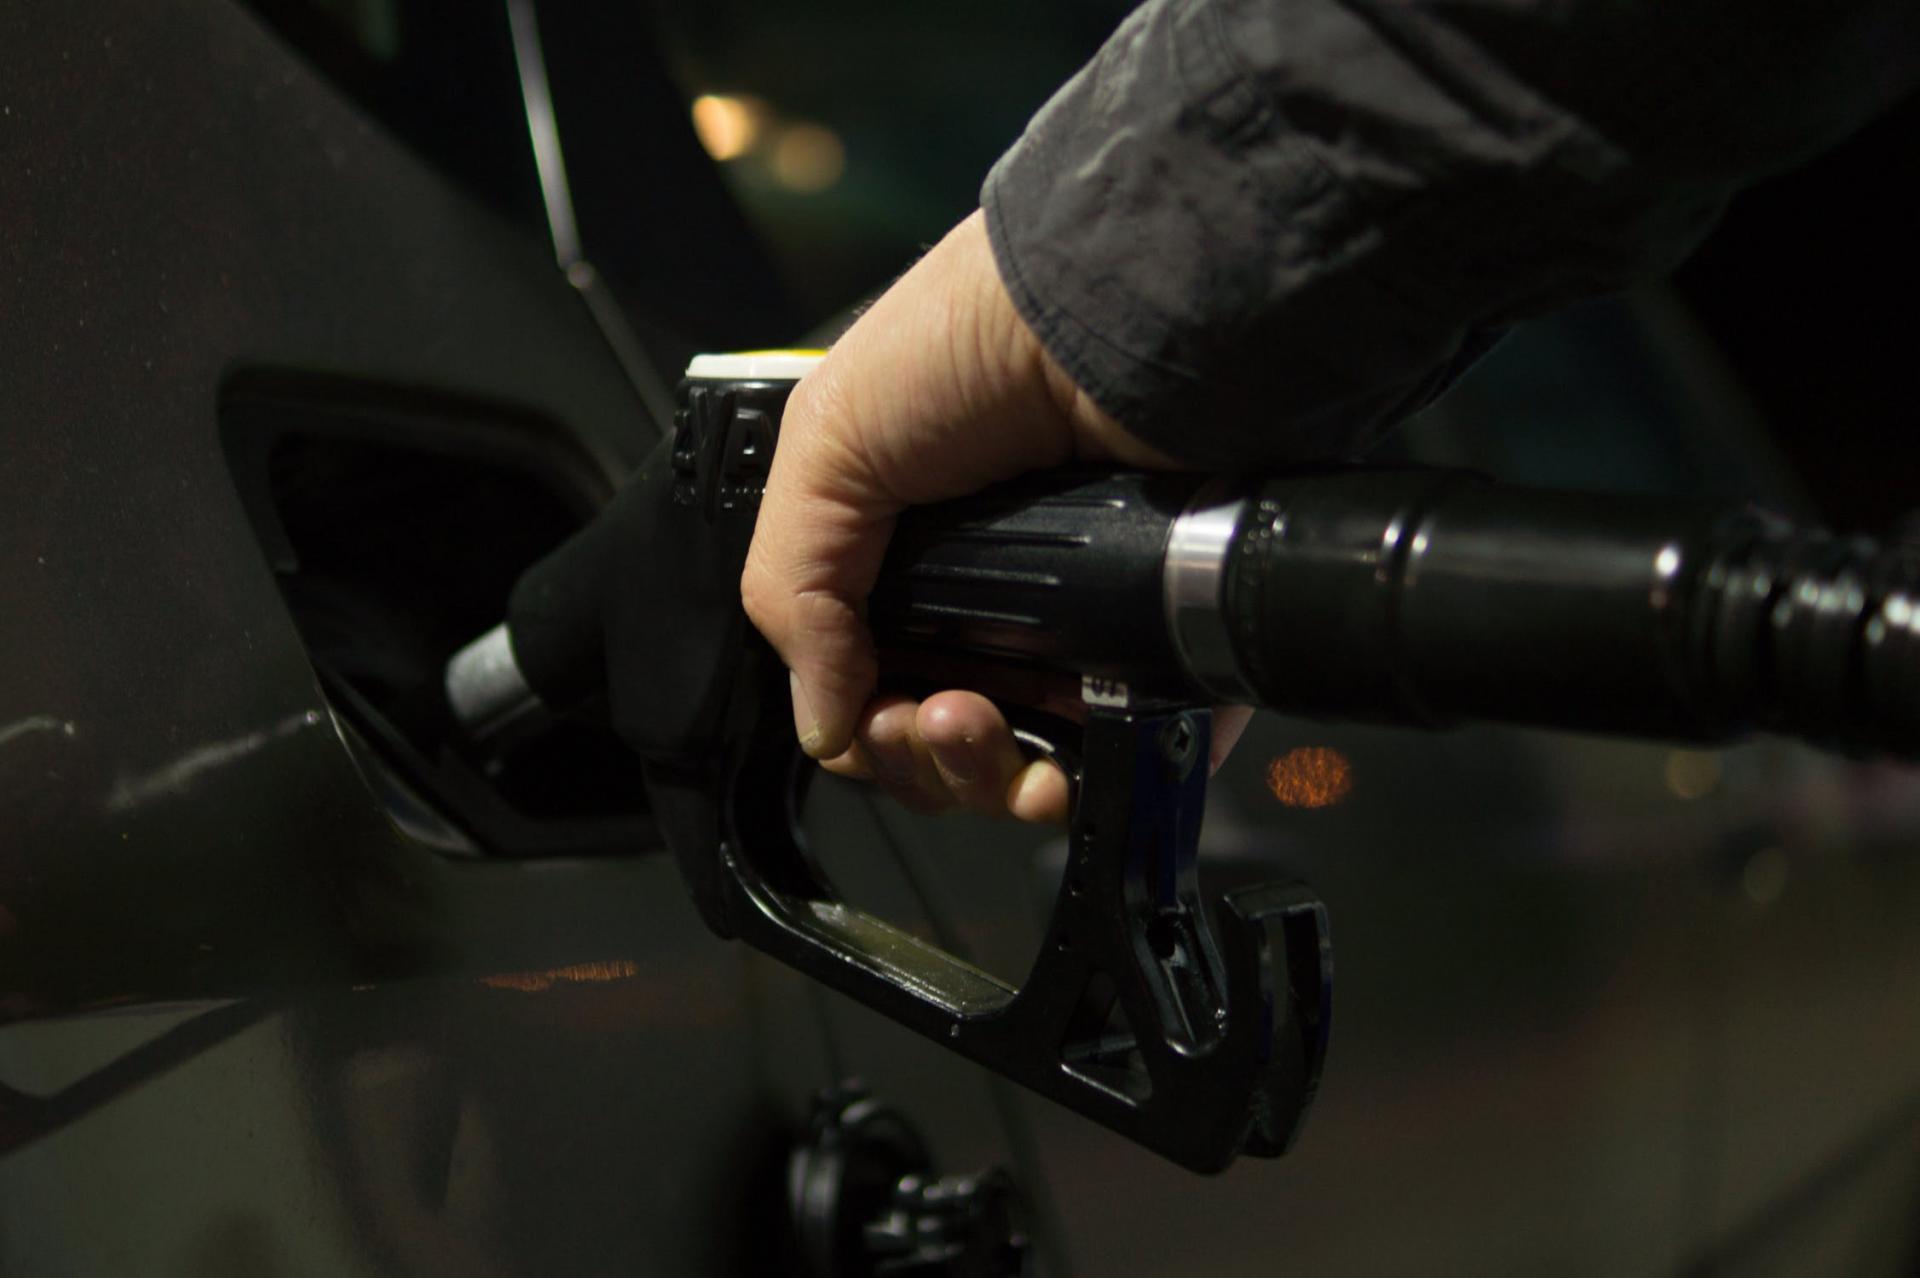 Способы снижения расхода топлива вавто: мнение эксперта